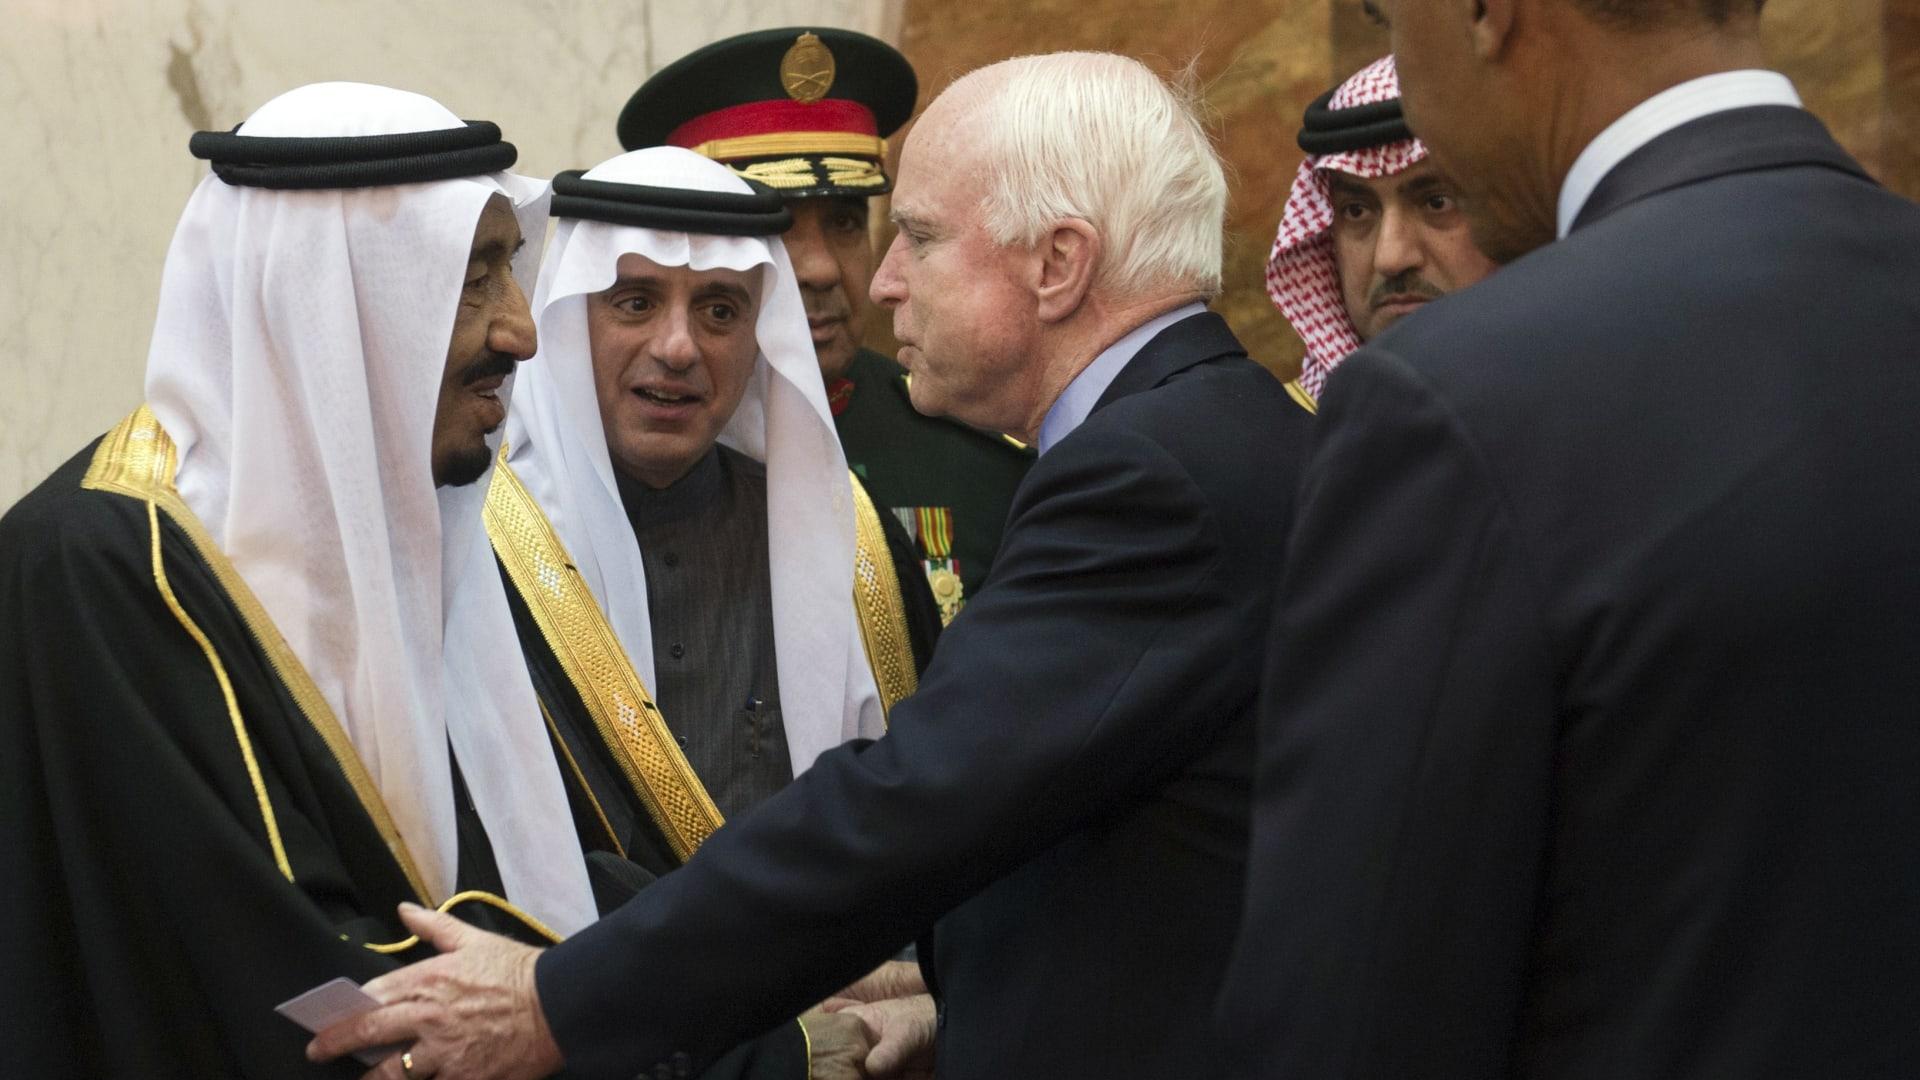 خالد بن سلمان معزيا بوفاة جون ماكين: كان صديقا للسعودية وسنفتقده